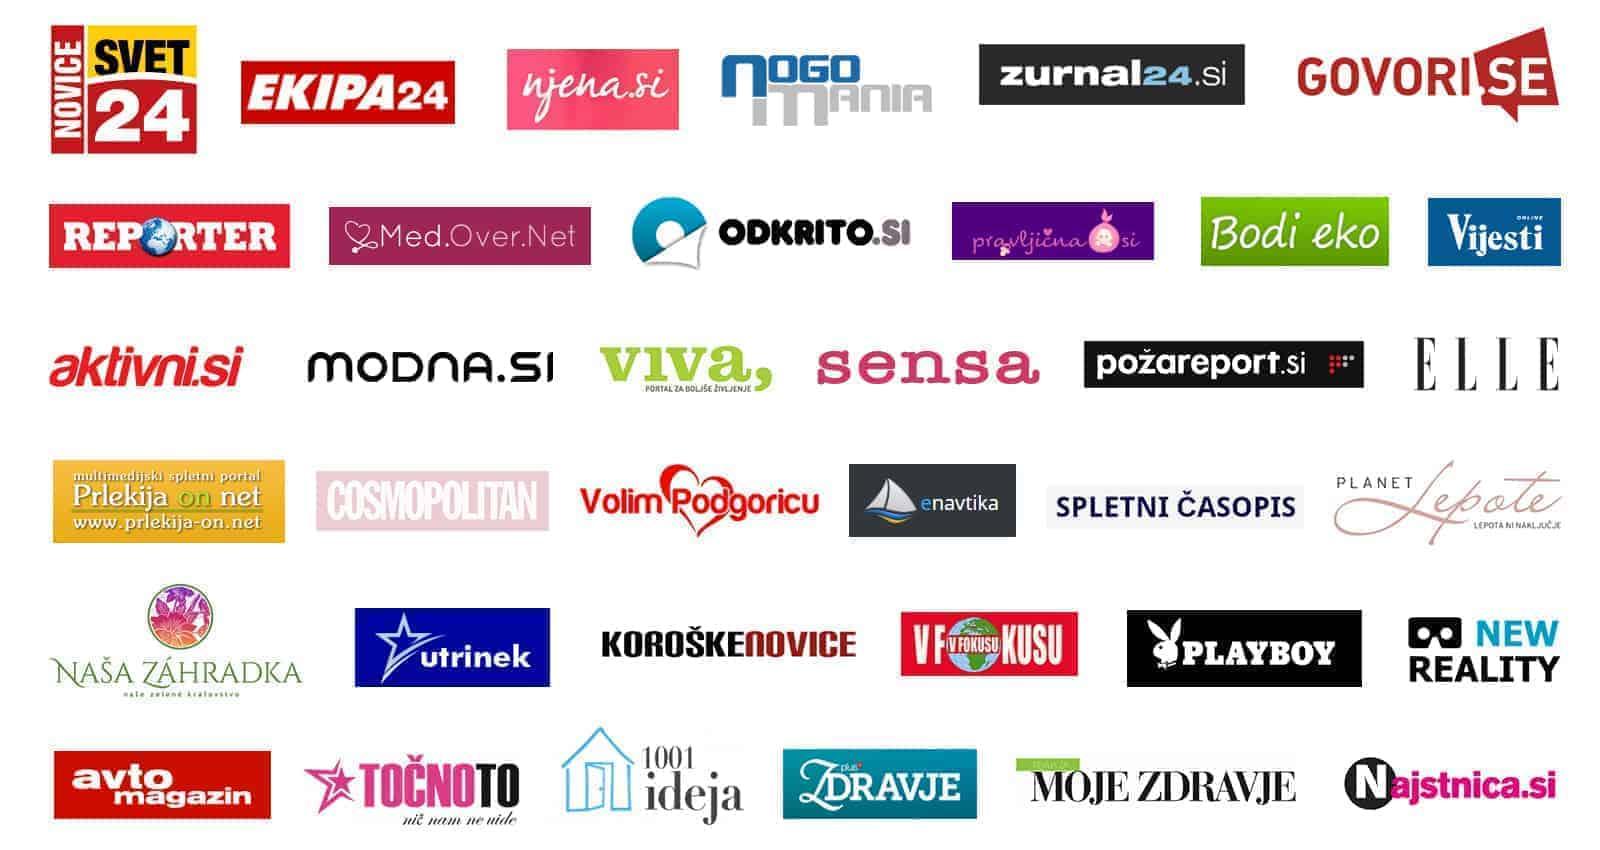 Slovenski mediji